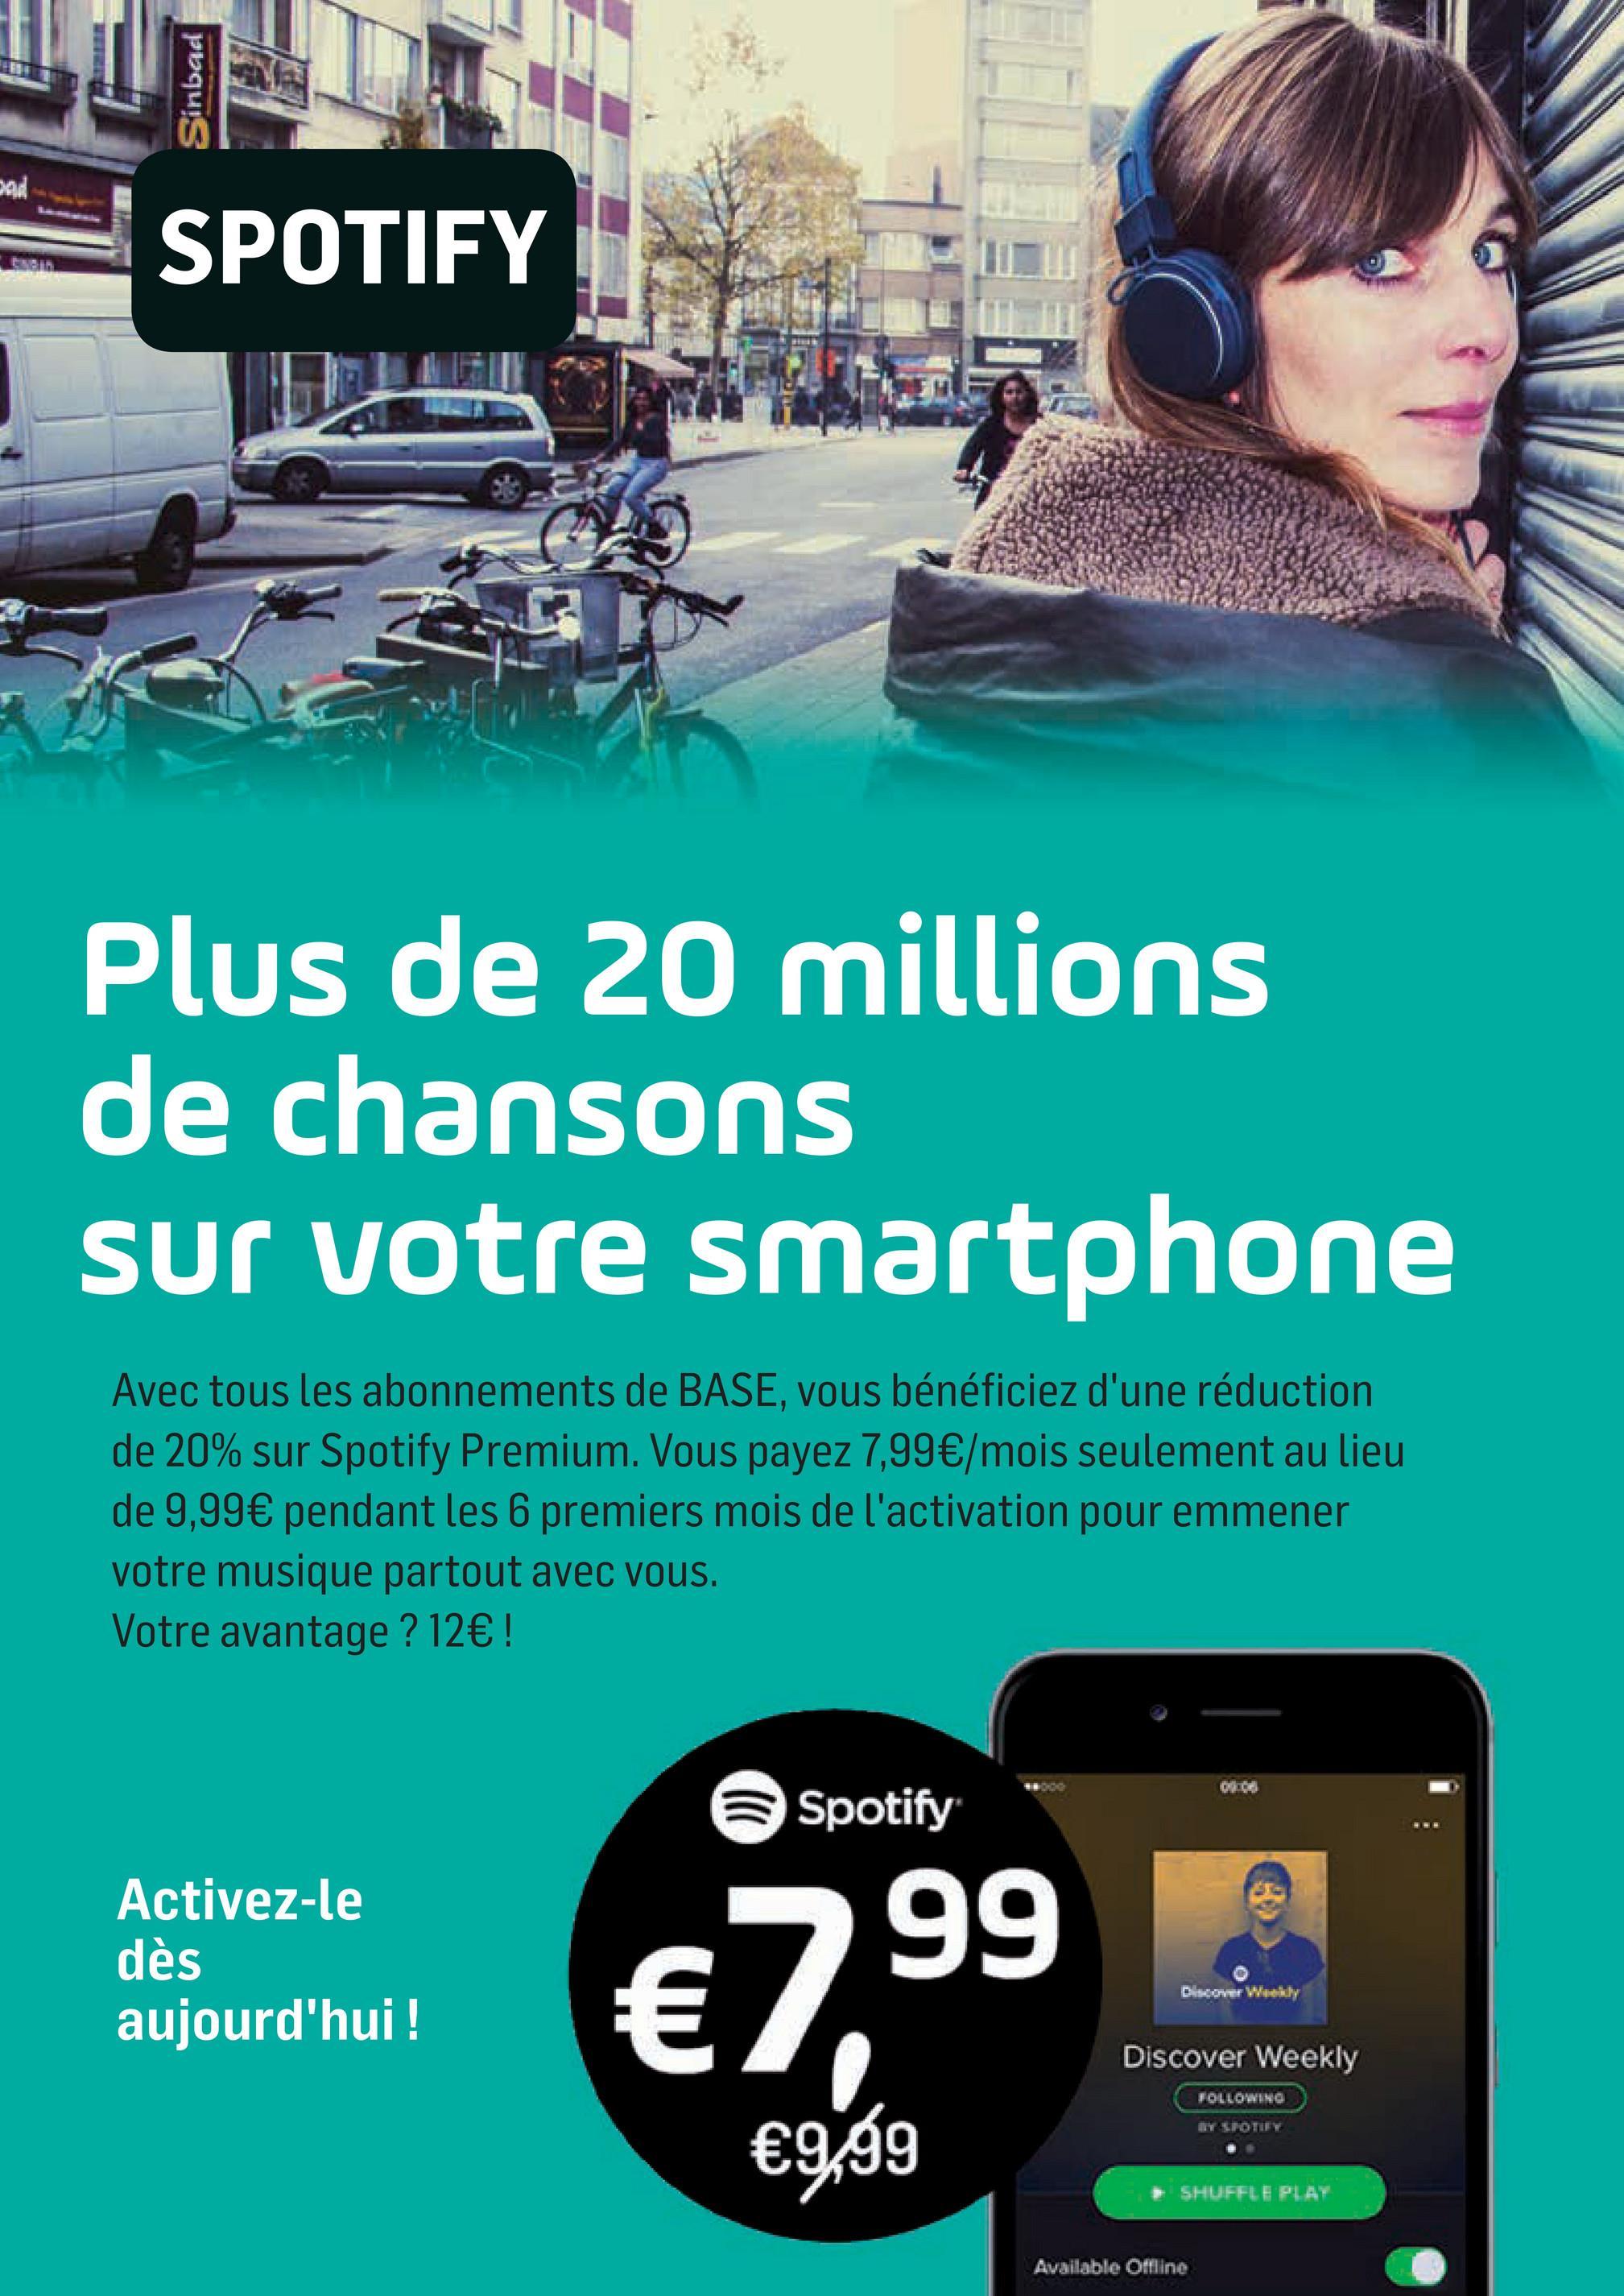 Folder Base du 02/04/2018 au 01/05/2018 - Sinbad DAN SPOTIFY Plus de 20 millions de chansons sur votre smartphone Avec tous les abonnements de BASE, vous bénéficiez d'une réduction de 20% sur Spotify Premium. Vous payez 7,99€/mois seulement au lieu de 9,99€ pendant les 6 premiers mois de l'activation pour emmener votre musique partout avec vous. Votre avantage ? 12€ ! 0 0 Spotify de Activez-le dès aujourd'hui ! €799 99 Discover Wookly th Discover Weekly FOLLOWINO) 新北改正了。 €9,99 SHUFFLE PLAY Available Offline